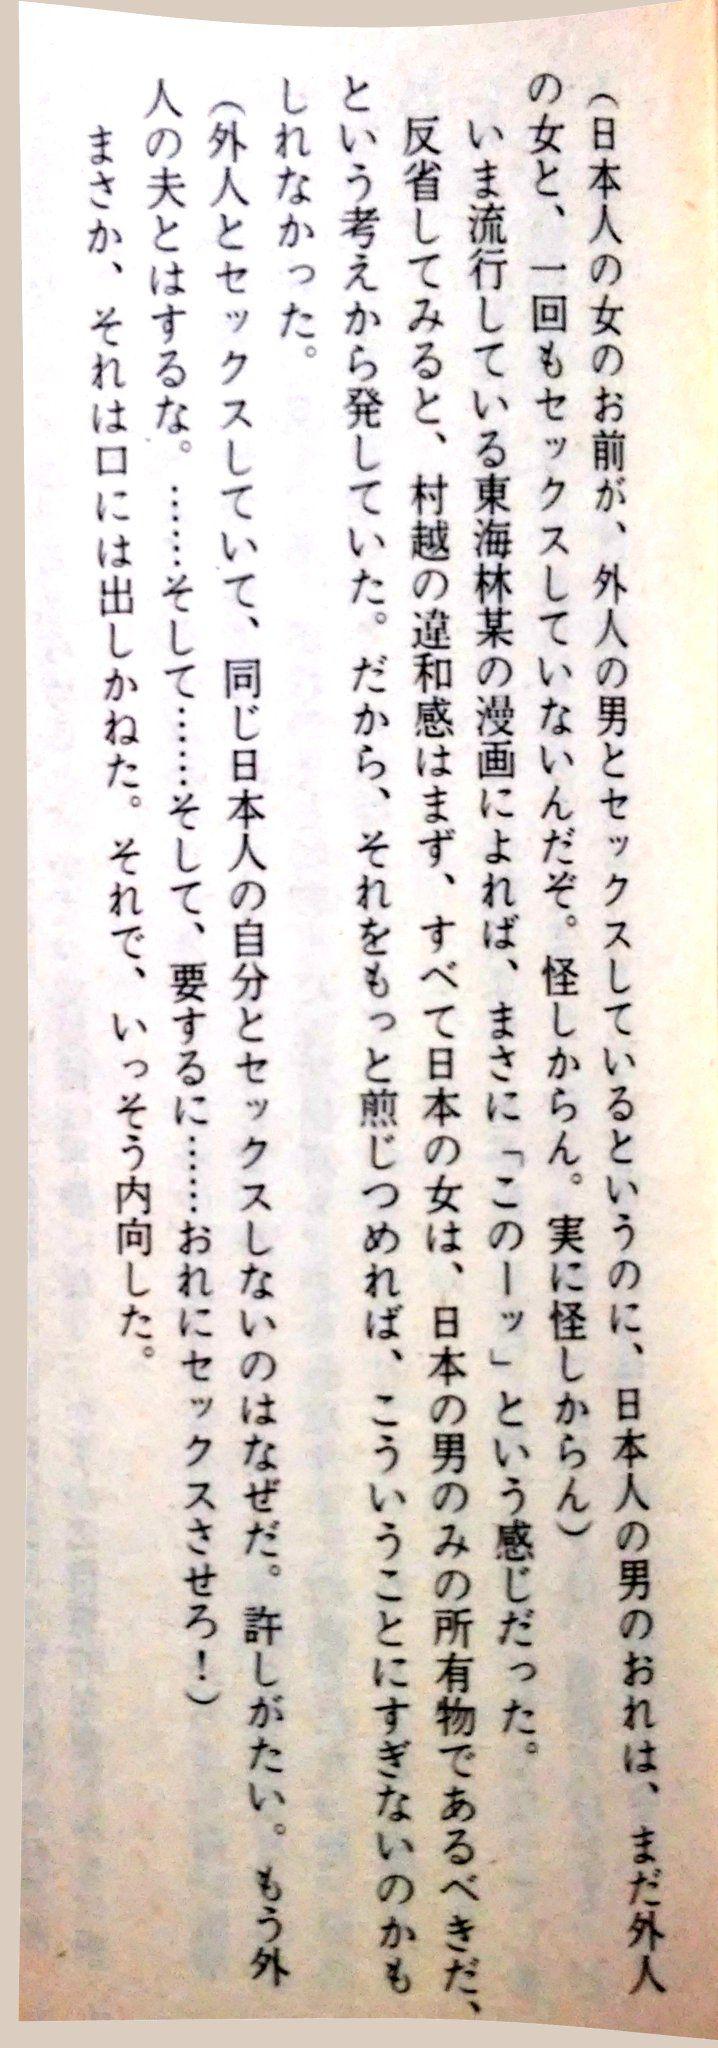 かぴ原 させ子 on twitter